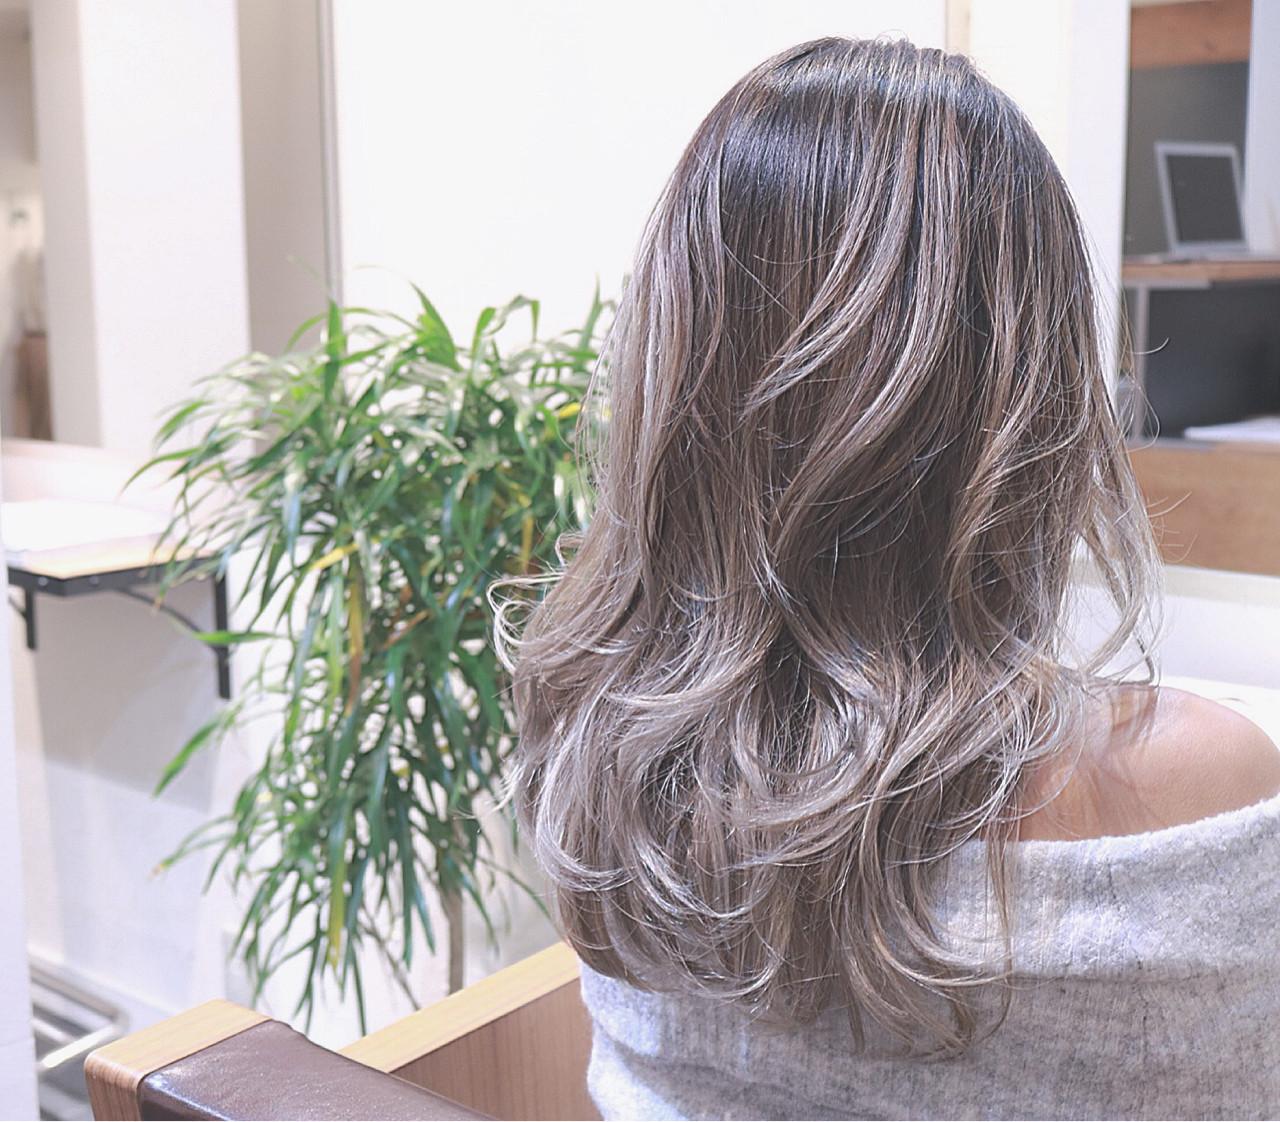 ストリート 外国人風 ホワイト ハイライト ヘアスタイルや髪型の写真・画像